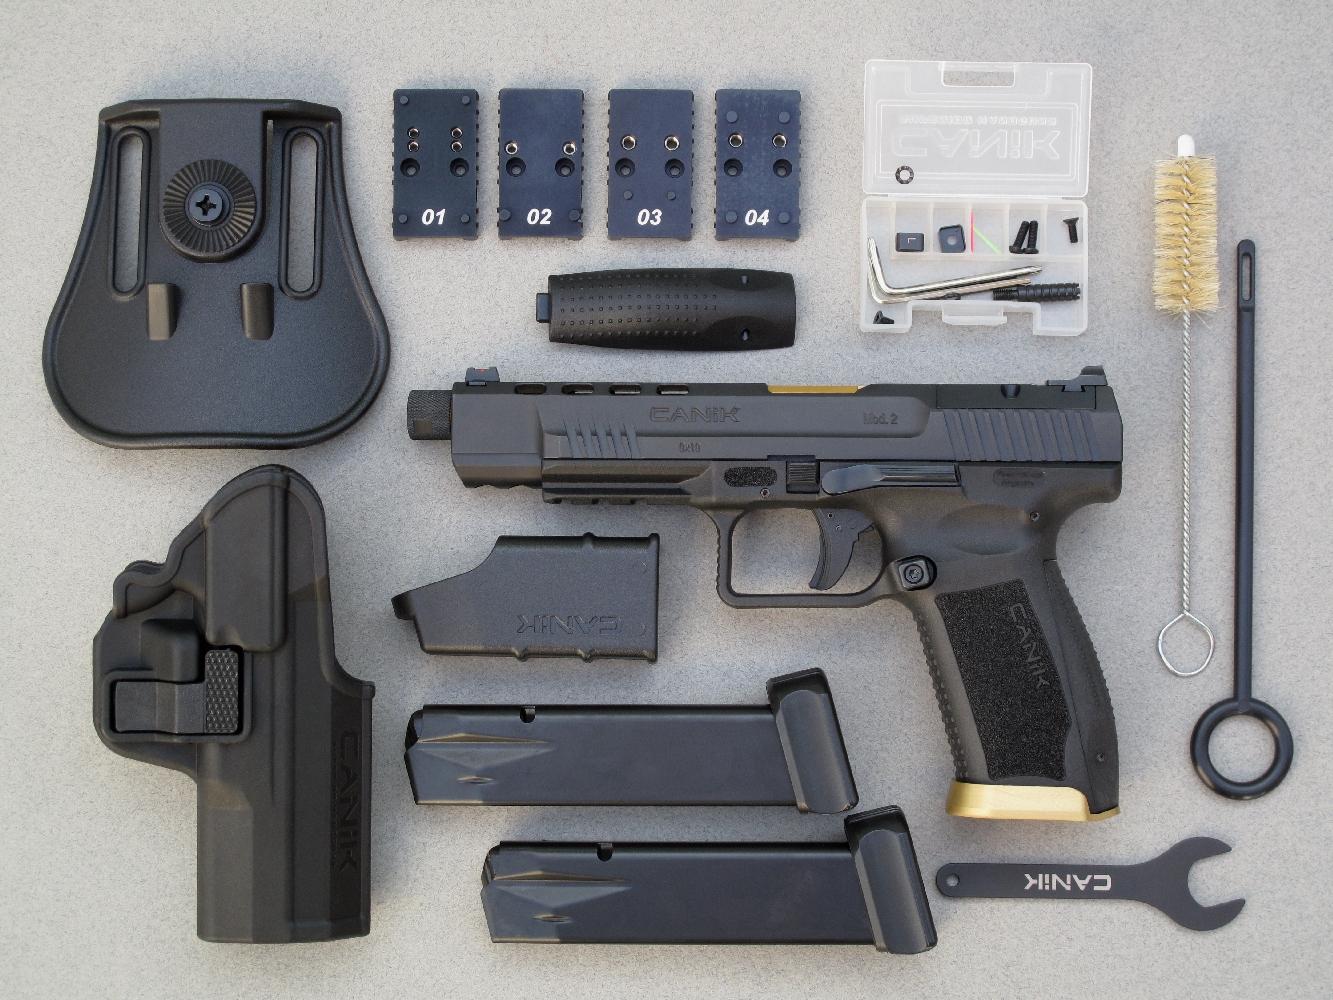 Ce pistolet est livré dans une mallette de transport renfermant un grand nombre d'accessoires : un holster à rétention avec sa fixation de type Paddle, deux chargeurs de 20 coups, une chargette, un écouvillon, un tire-chiffon, une clé pour le démontage du bouchon de canon, deux dos de poignée interchangeables, trois extensions du bouton-poussoir de déverrouillage du chargeur, deux fibres optiques pour le guidon (verte et rouge), un levier d'armement et quatre platines de fixation dédiées aux différents microviseurs reflex disponibles sur le marché.